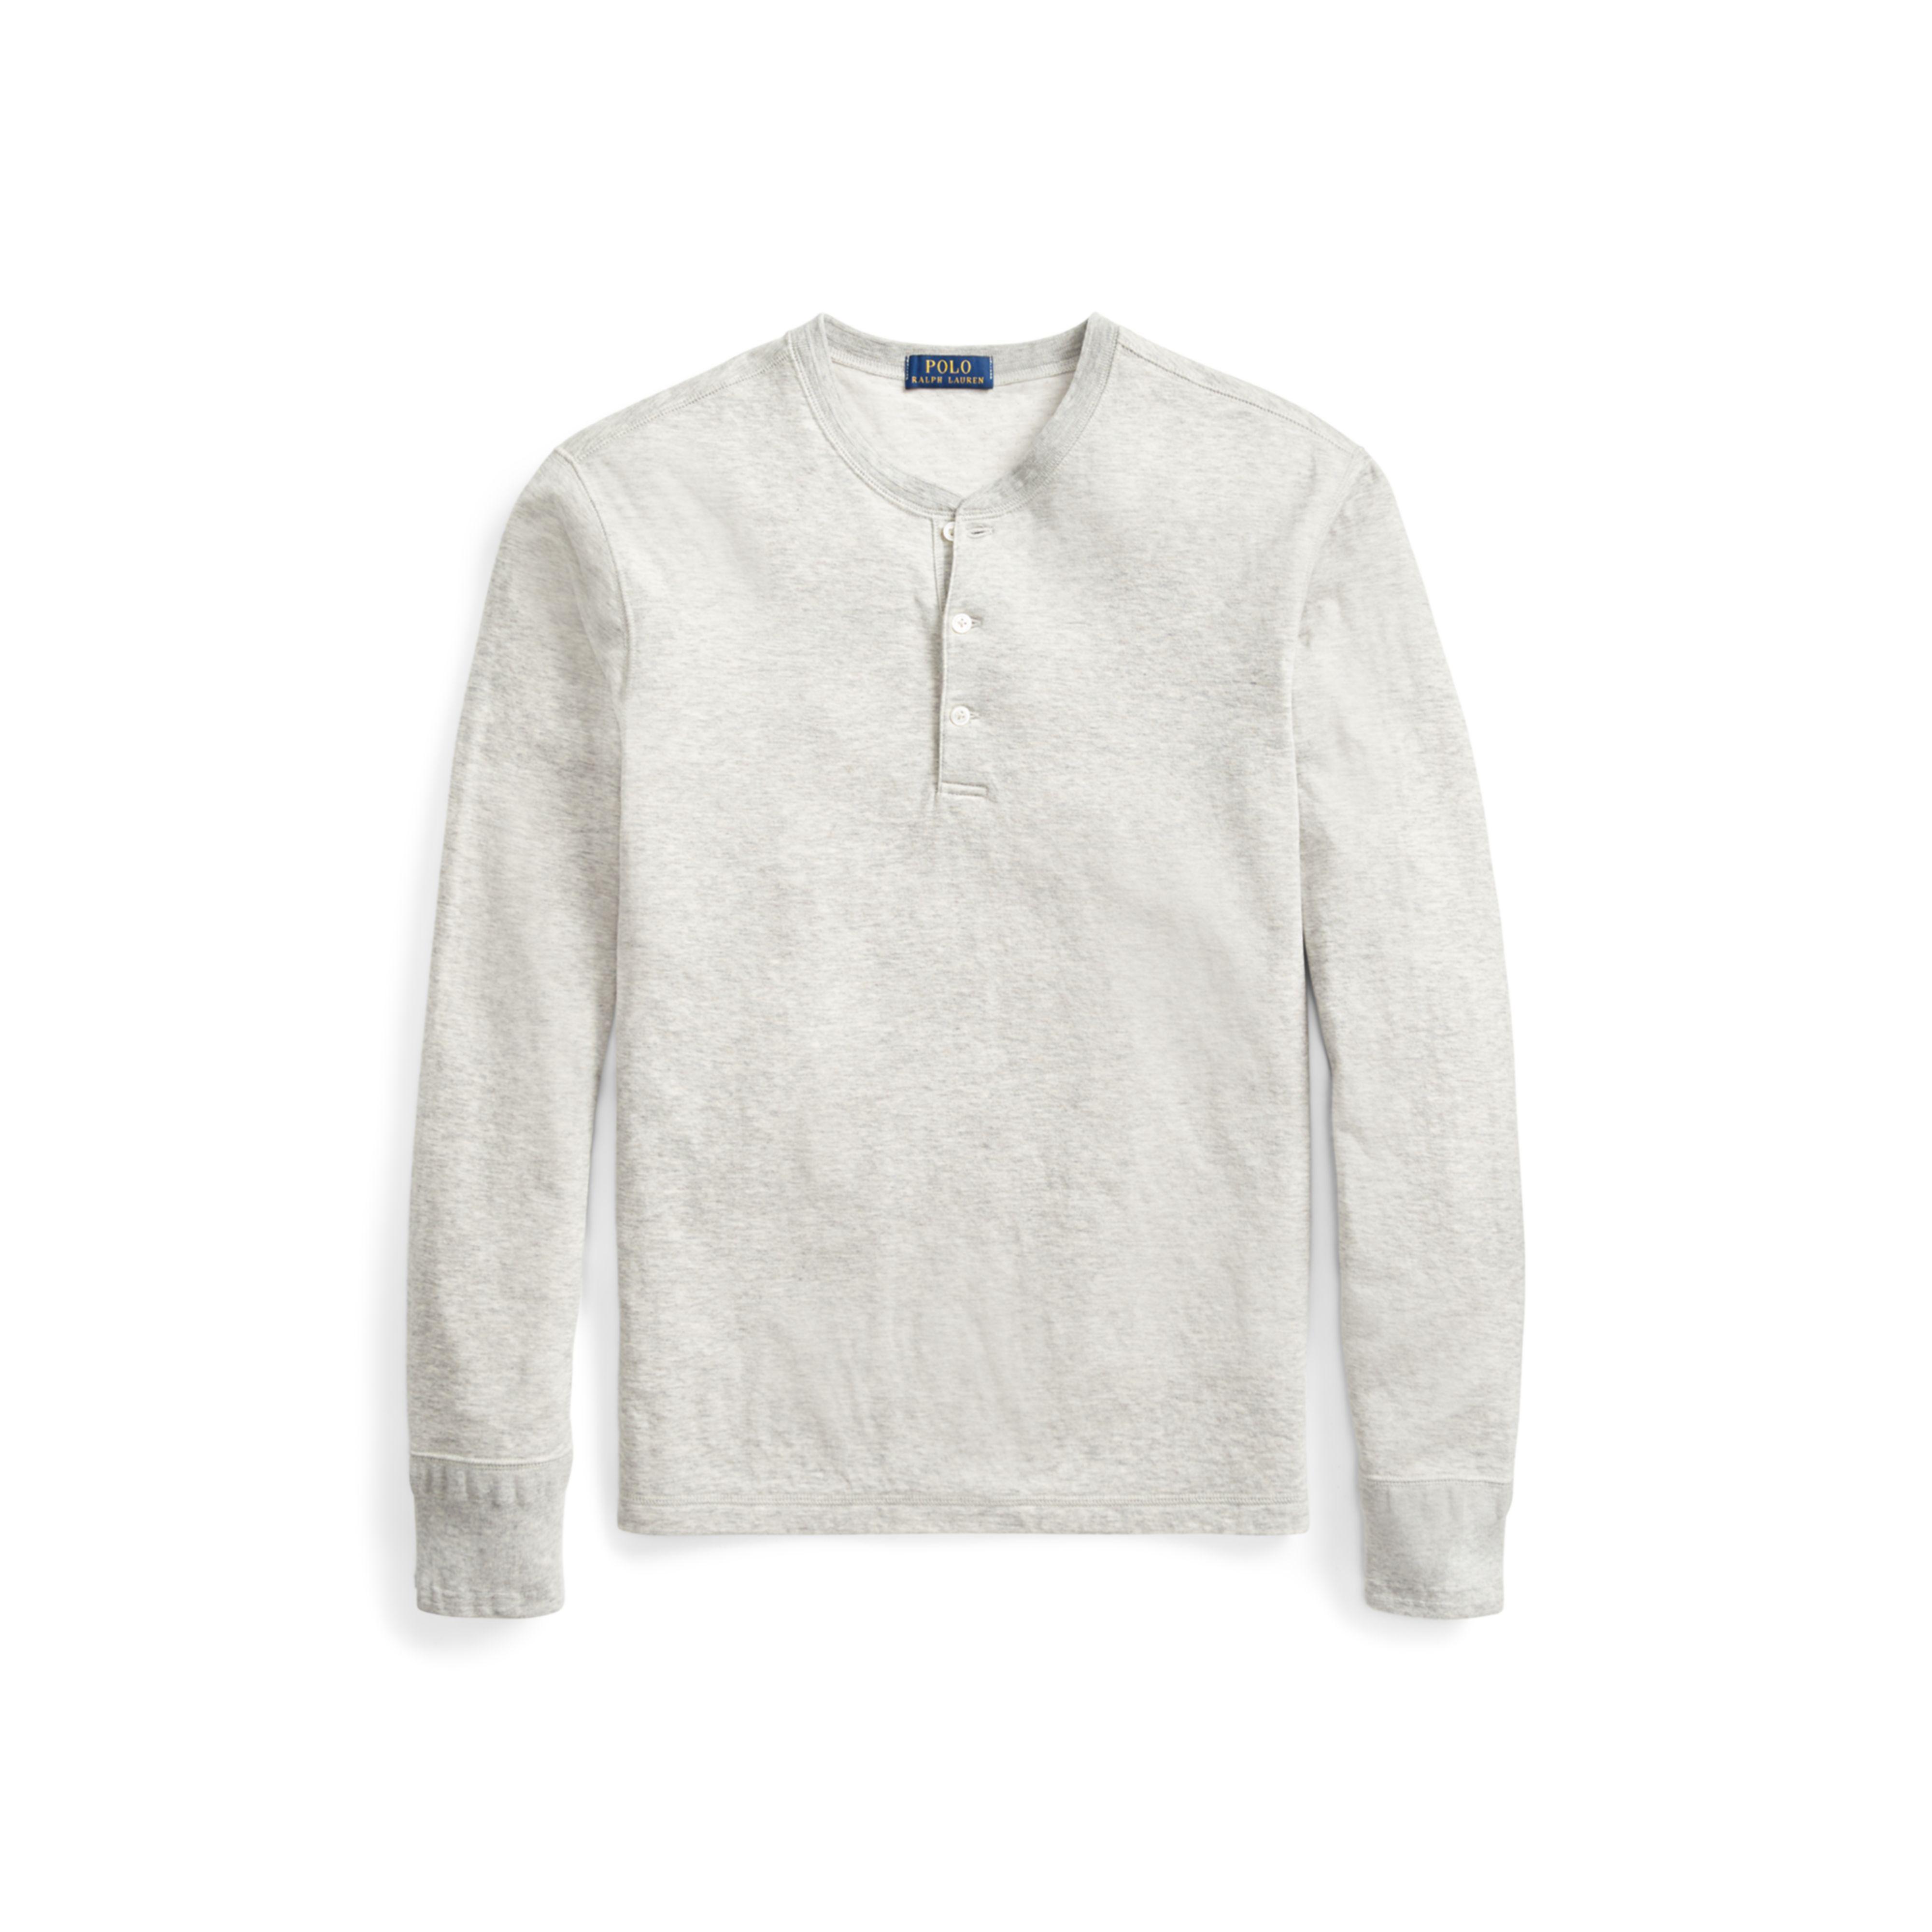 dd245882c0 ... new zealand lyst polo ralph lauren cotton blend henley shirt in gray  for men 37d26 d2519